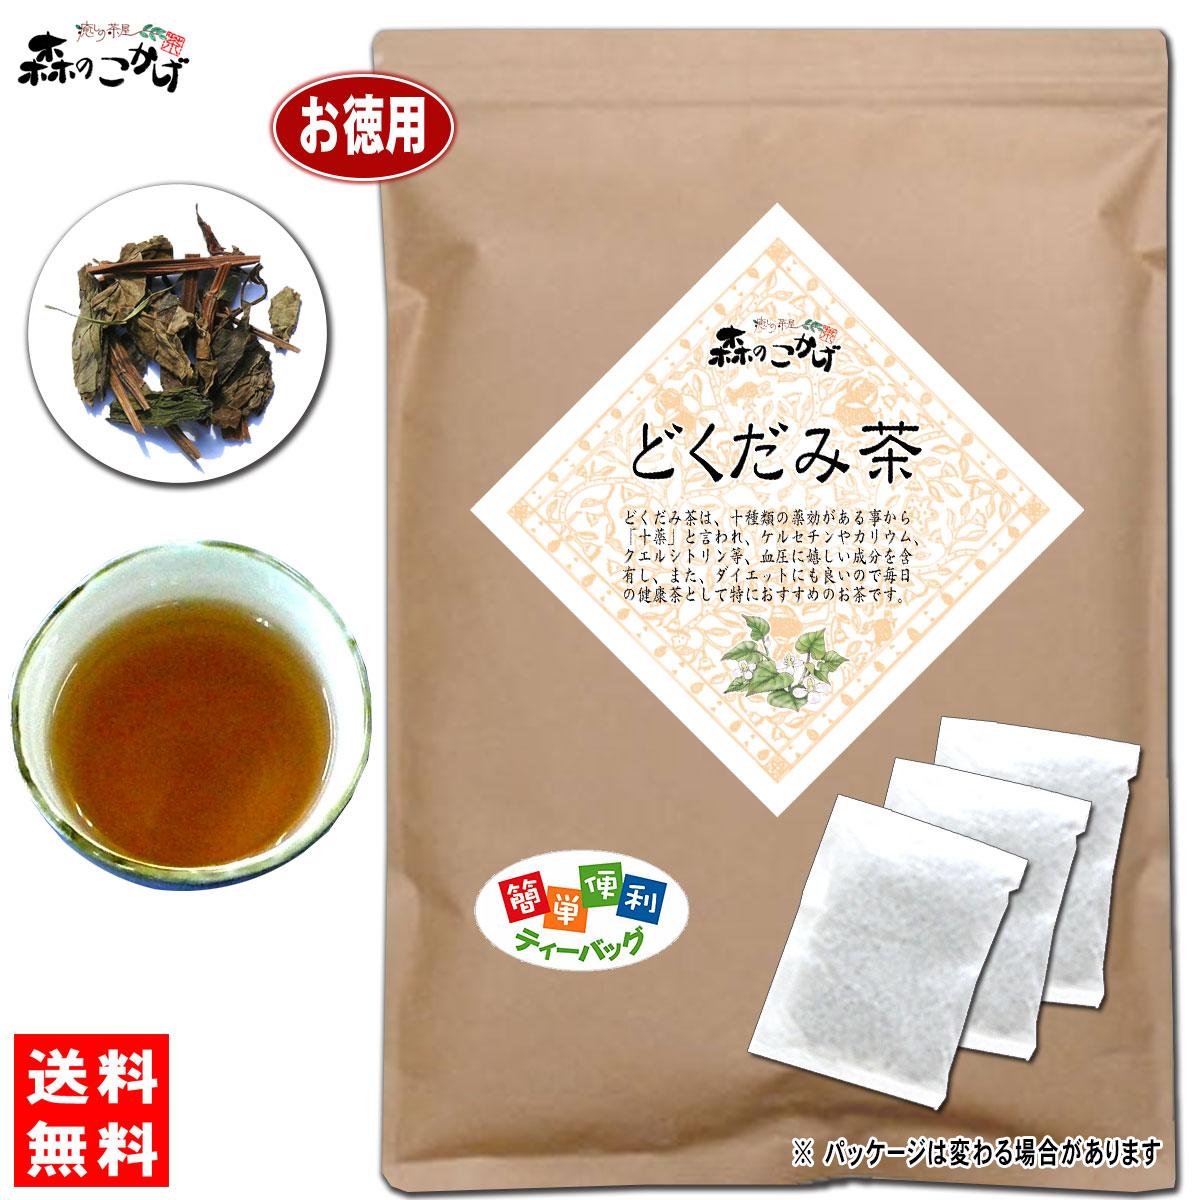 どくだみ茶 (3g×80p) 7【お徳用TB送料無料】 どくだみ茶 (3g×80p) ティーパック ≪ドクダミ茶 100%≫ どくだみちゃ ドクダミ草 どくだみ草 ドクダミ ティーパック 健康茶 森のこかげ 健やかハウス 健康TB